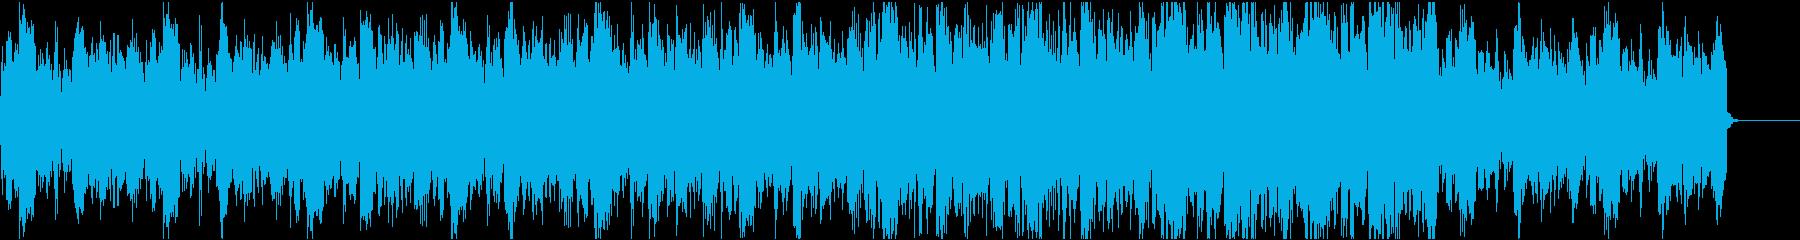 ニュース29 事件・困惑・情報の再生済みの波形